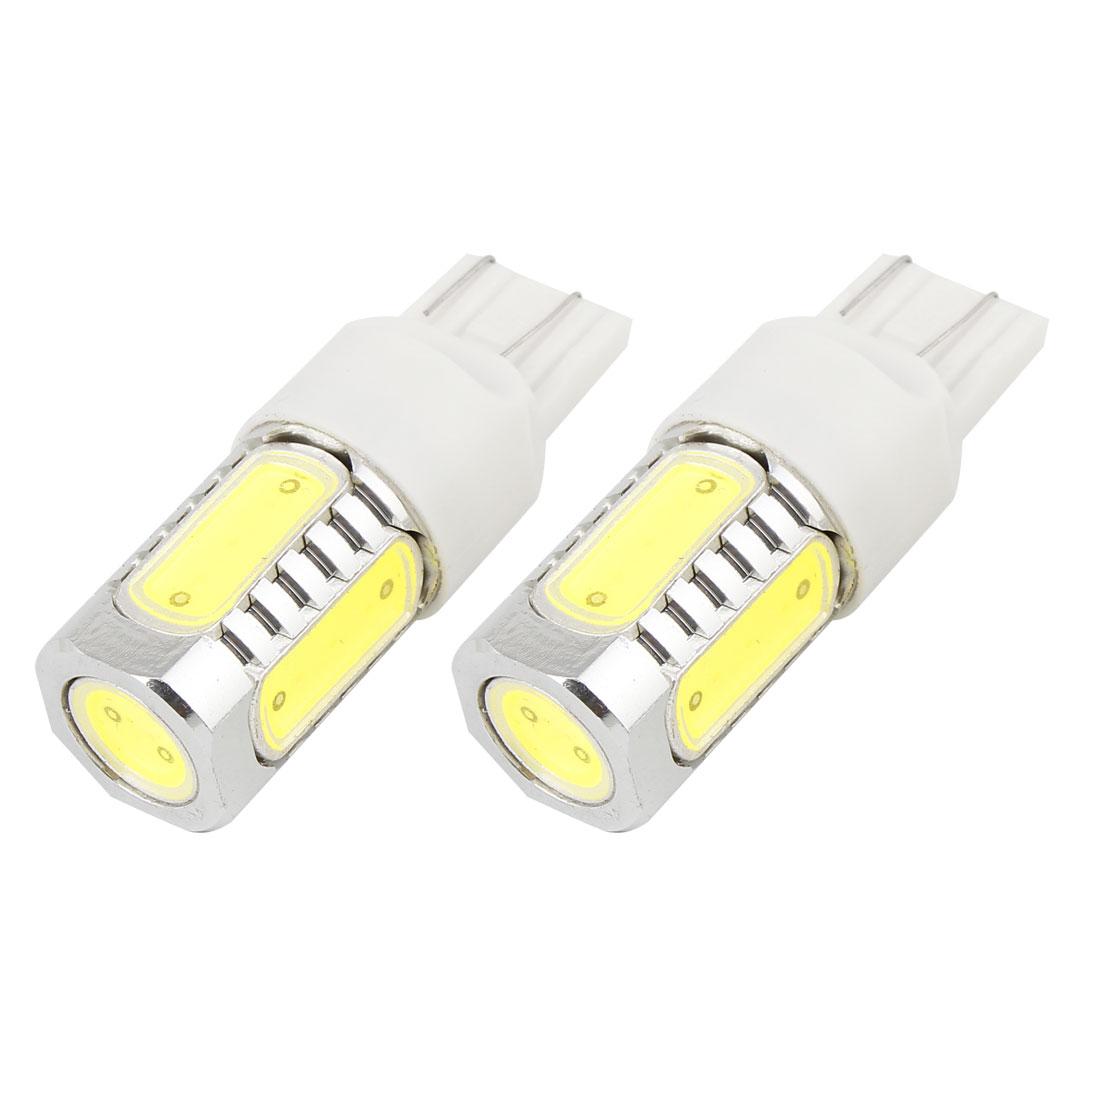 Unique Bargains 7.5W T20 7440 7443 992A 5 SMD  Backup Light Signal Bulb Lamp 2 Pcs for Car